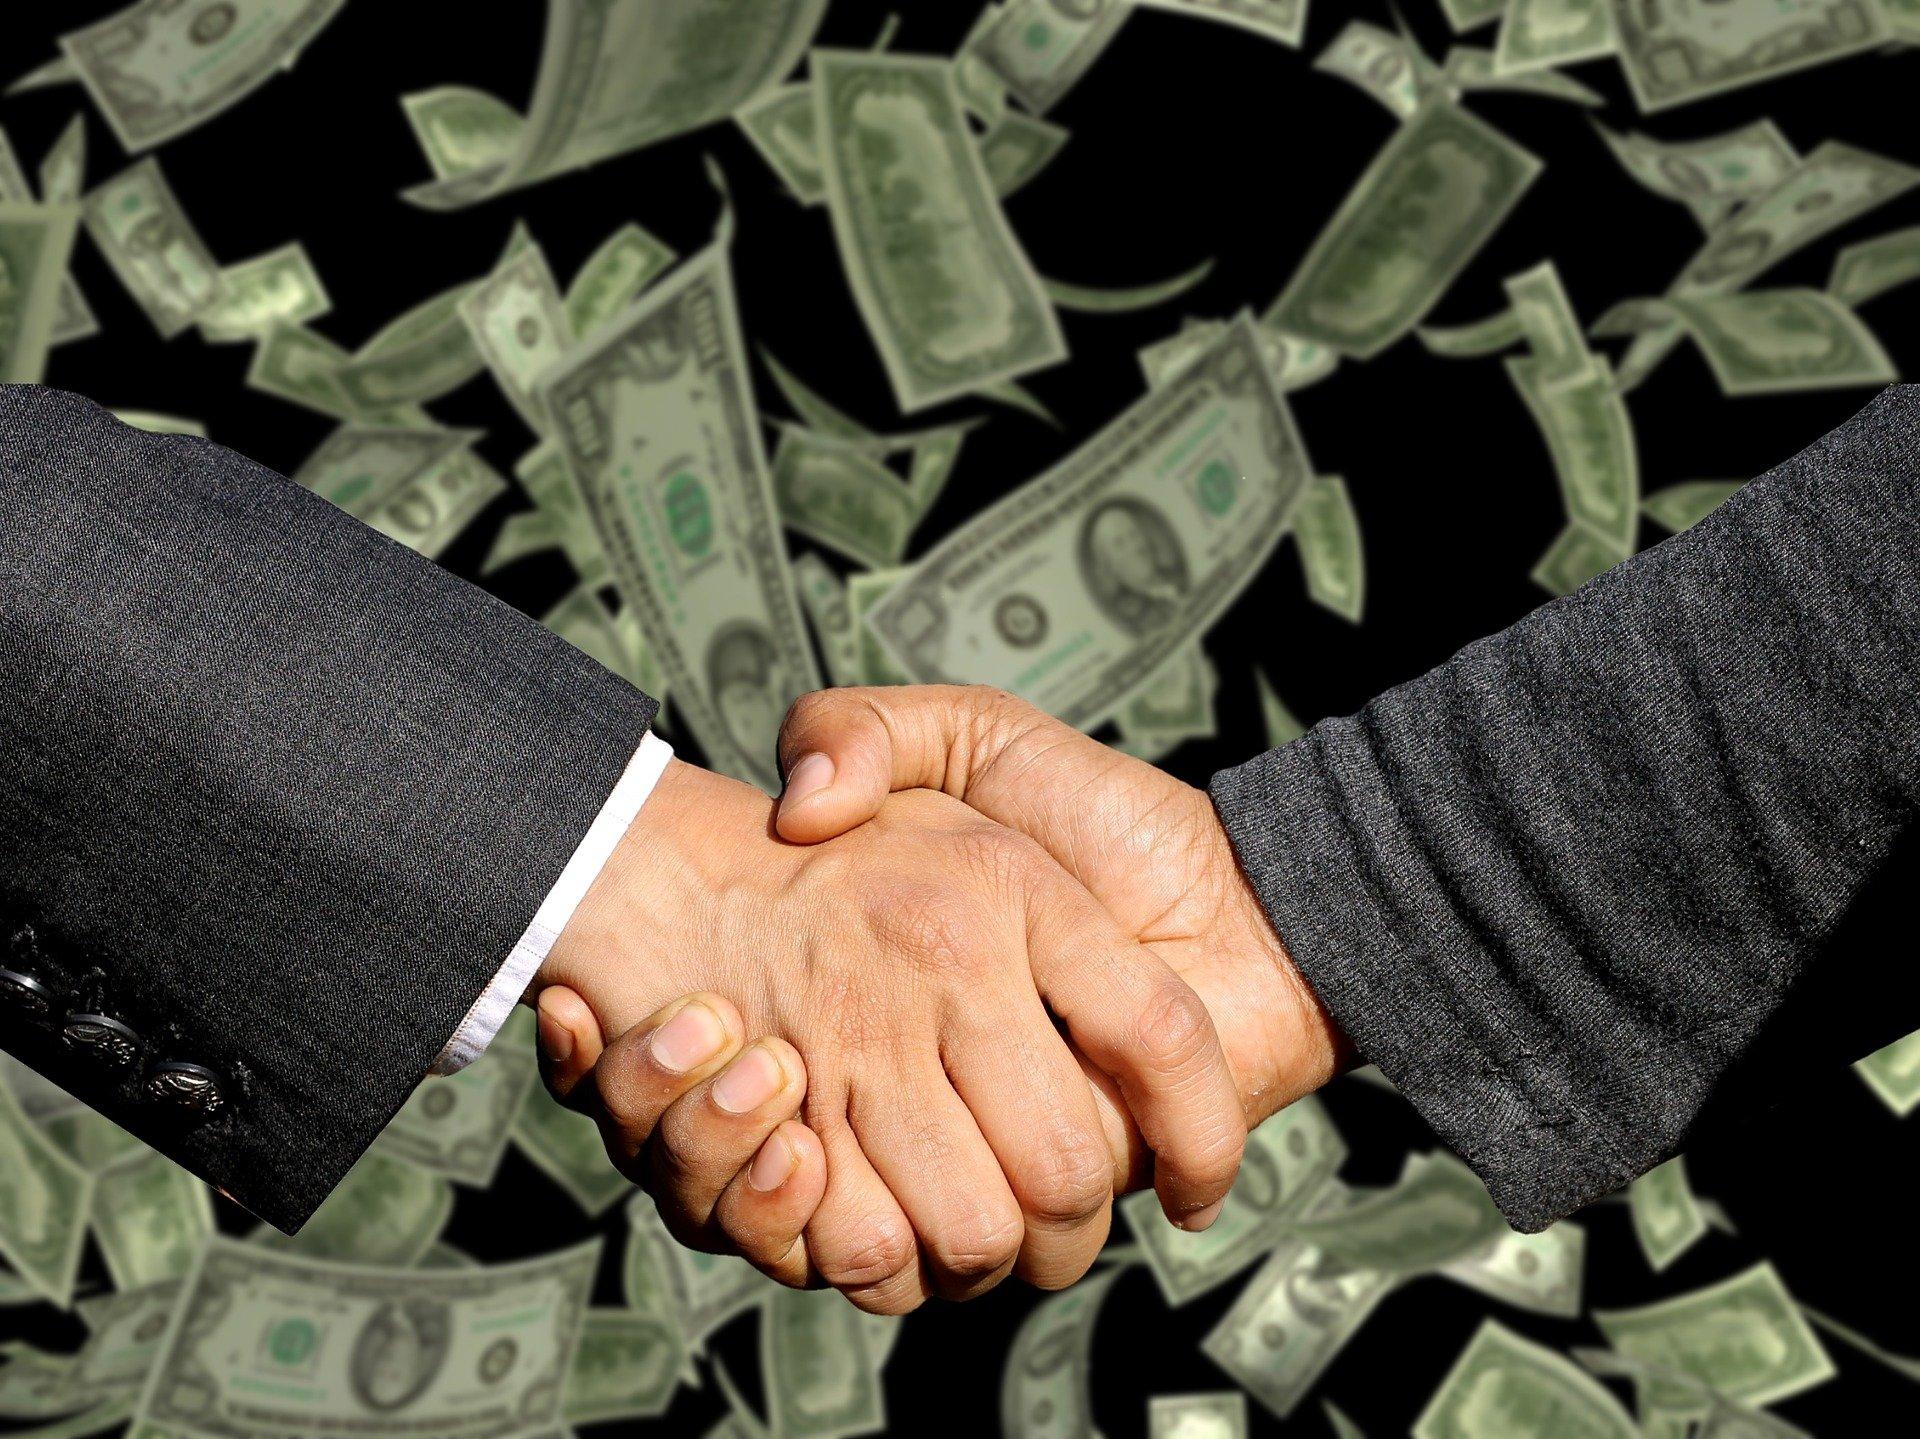 売掛債権の回収は代行してくれる?仕組みについて紹介